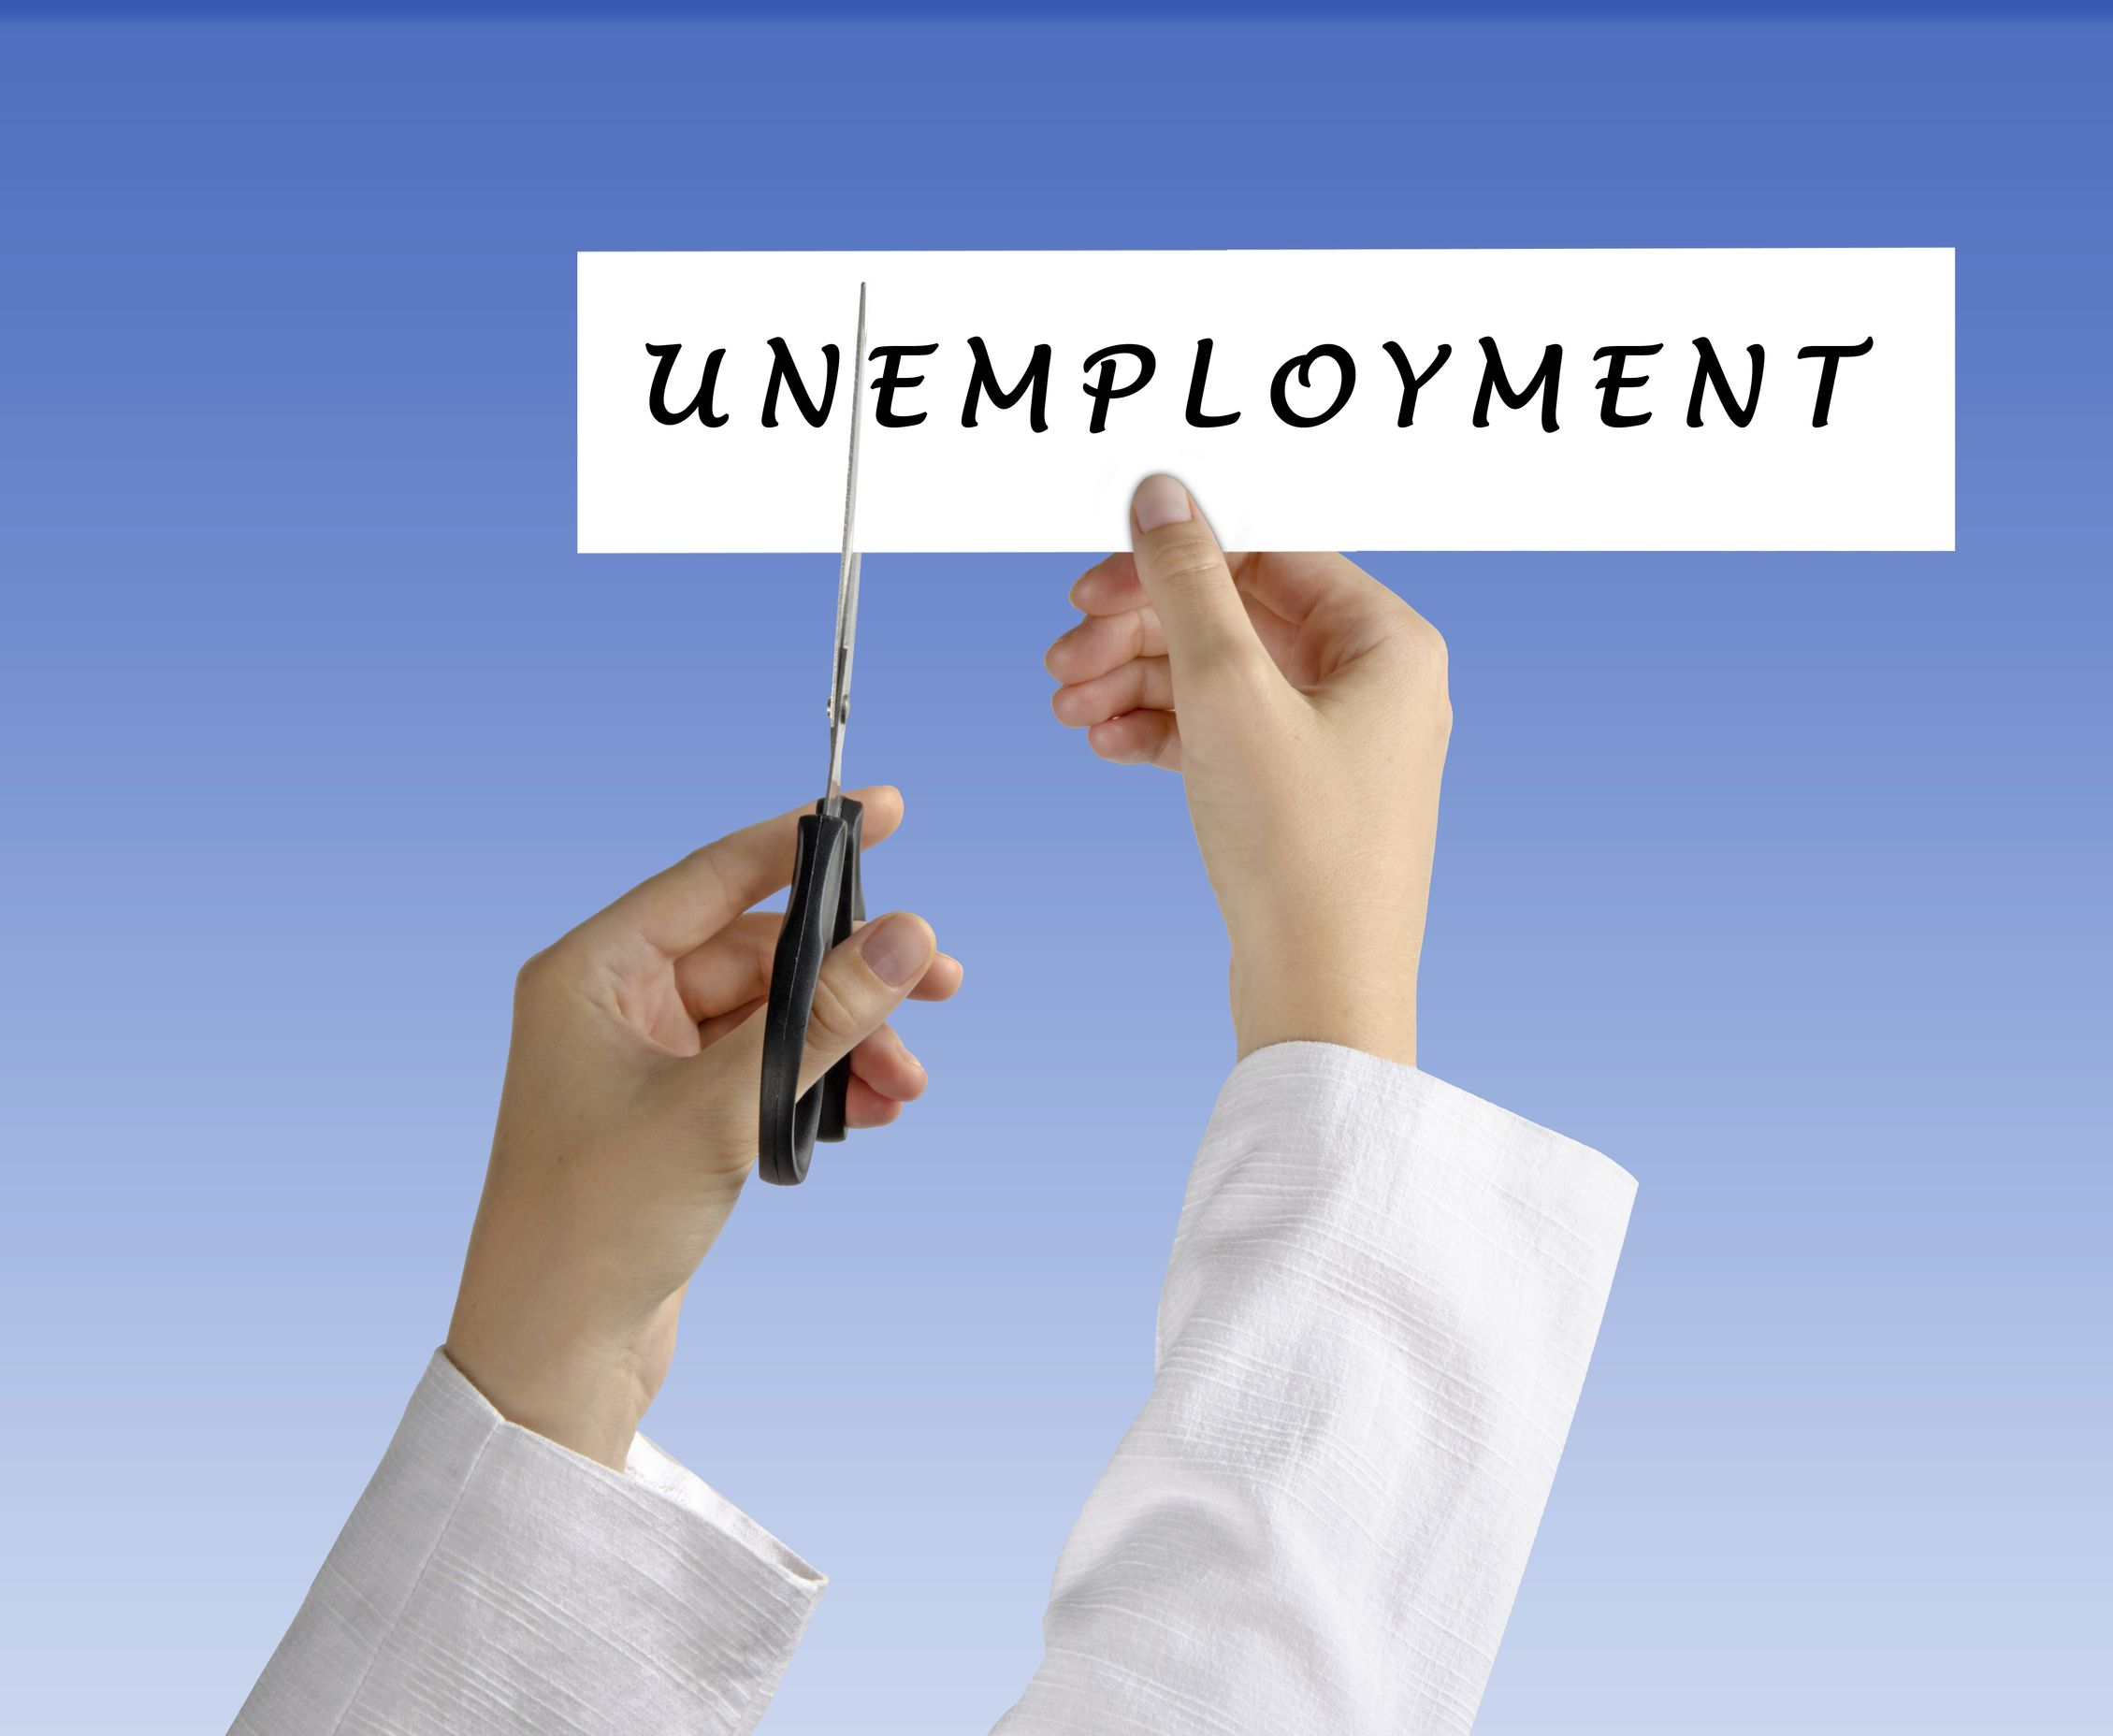 Real unemployment & under-employment above 2.3 million